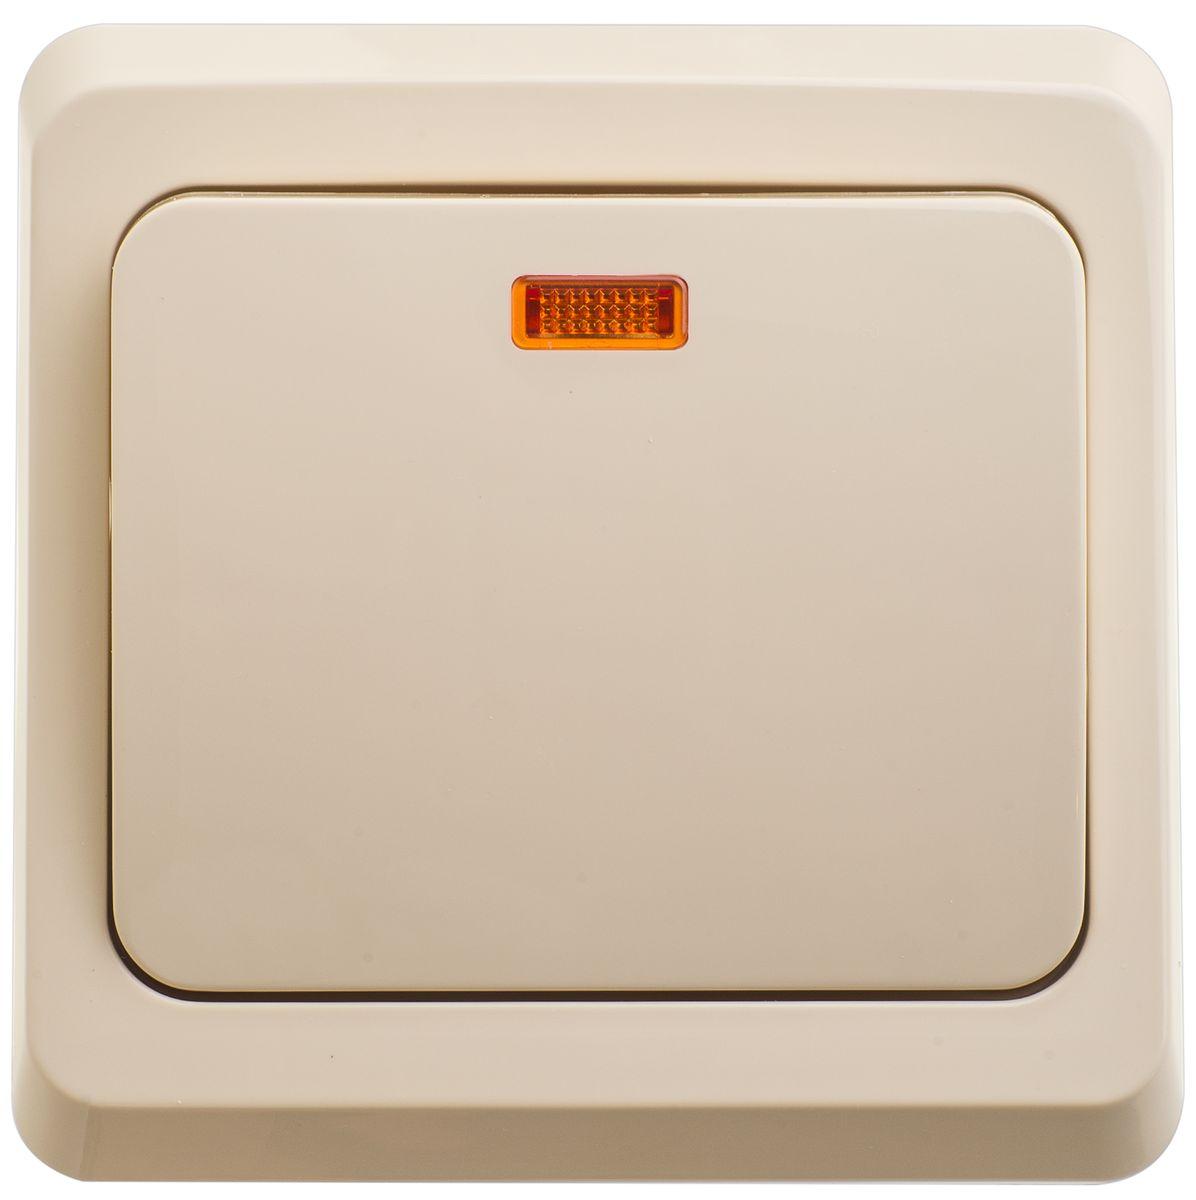 Выключатель Schneider Electric Этюд, с подсветкой, цвет: кремовый. BC10-005BC10-005KОдноклавишный выключатель Schneider Electric Этюд предназначен для скрытой установки. Выполнен из высококачественного пластика. Изделие просто в установке, надежно в эксплуатации. Световой индикатор позволит вам увидеть выключатель даже в темноте. Специальное покрытие не позволяет пыли собираться на поверхности. Такой выключатель станет удачным решением для дома и дачи. Функция выключателя: одноканальный. Тип контактов: 1 Н.О. Диапазон мощности: Номинальный ток: 250 В. Тип клемм: винтовые зажимы 2,5 мм2. Длина зачистки проводов: 11 мм. Степень защиты: IP20.